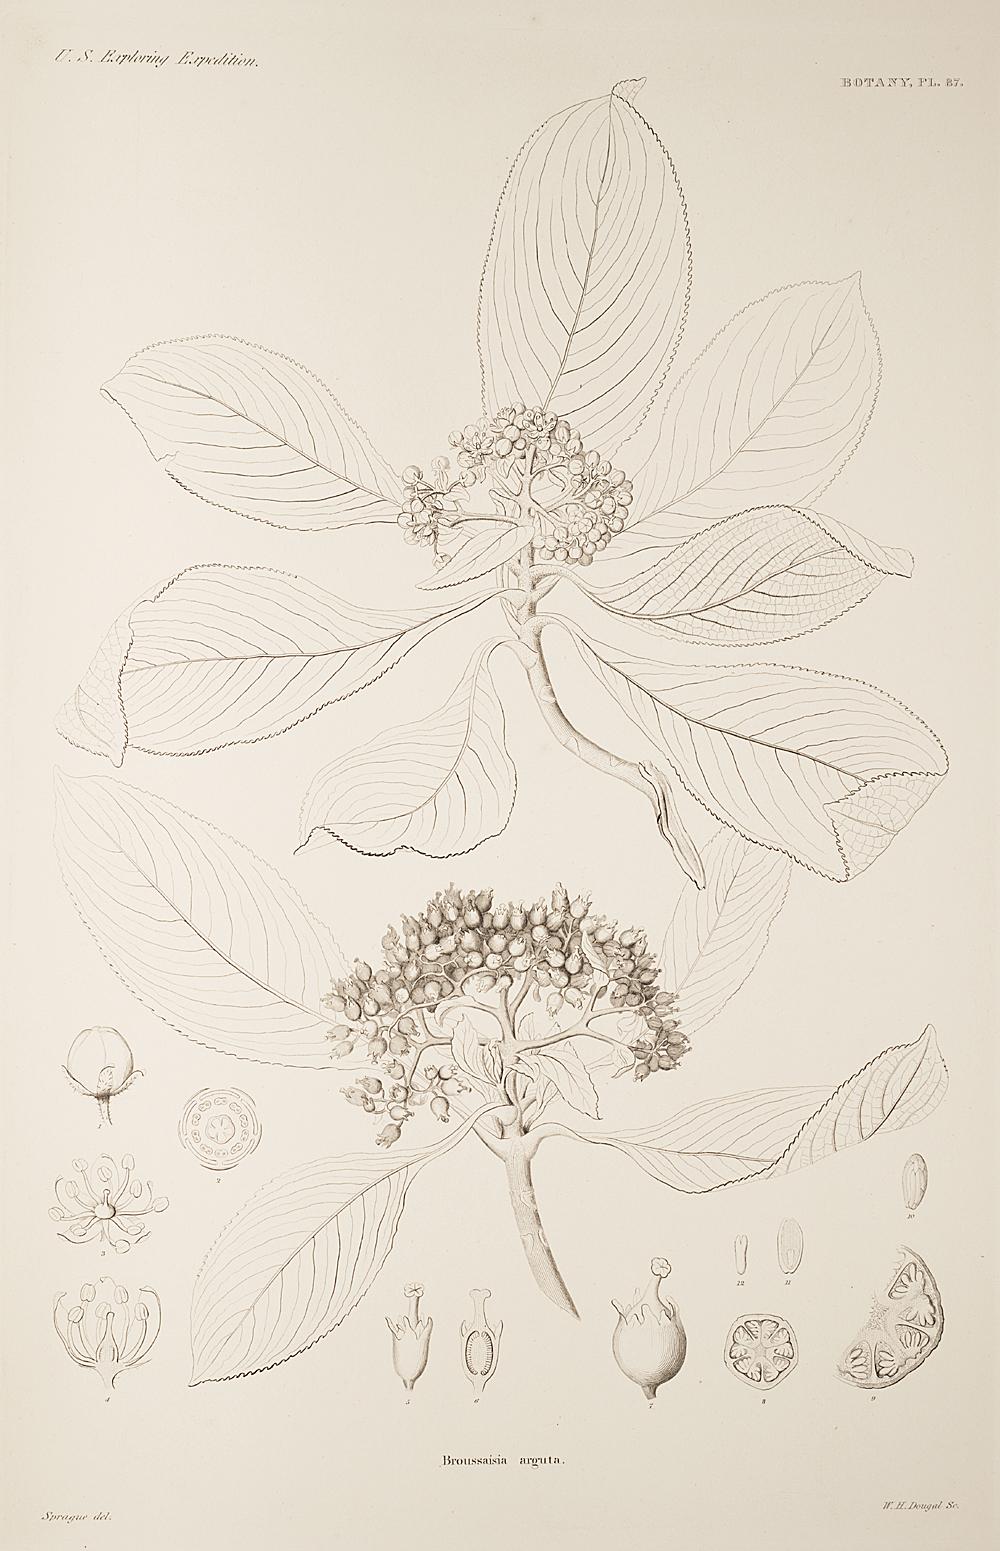 Botany, Pl. 87,  Image number:sil19-23-185b